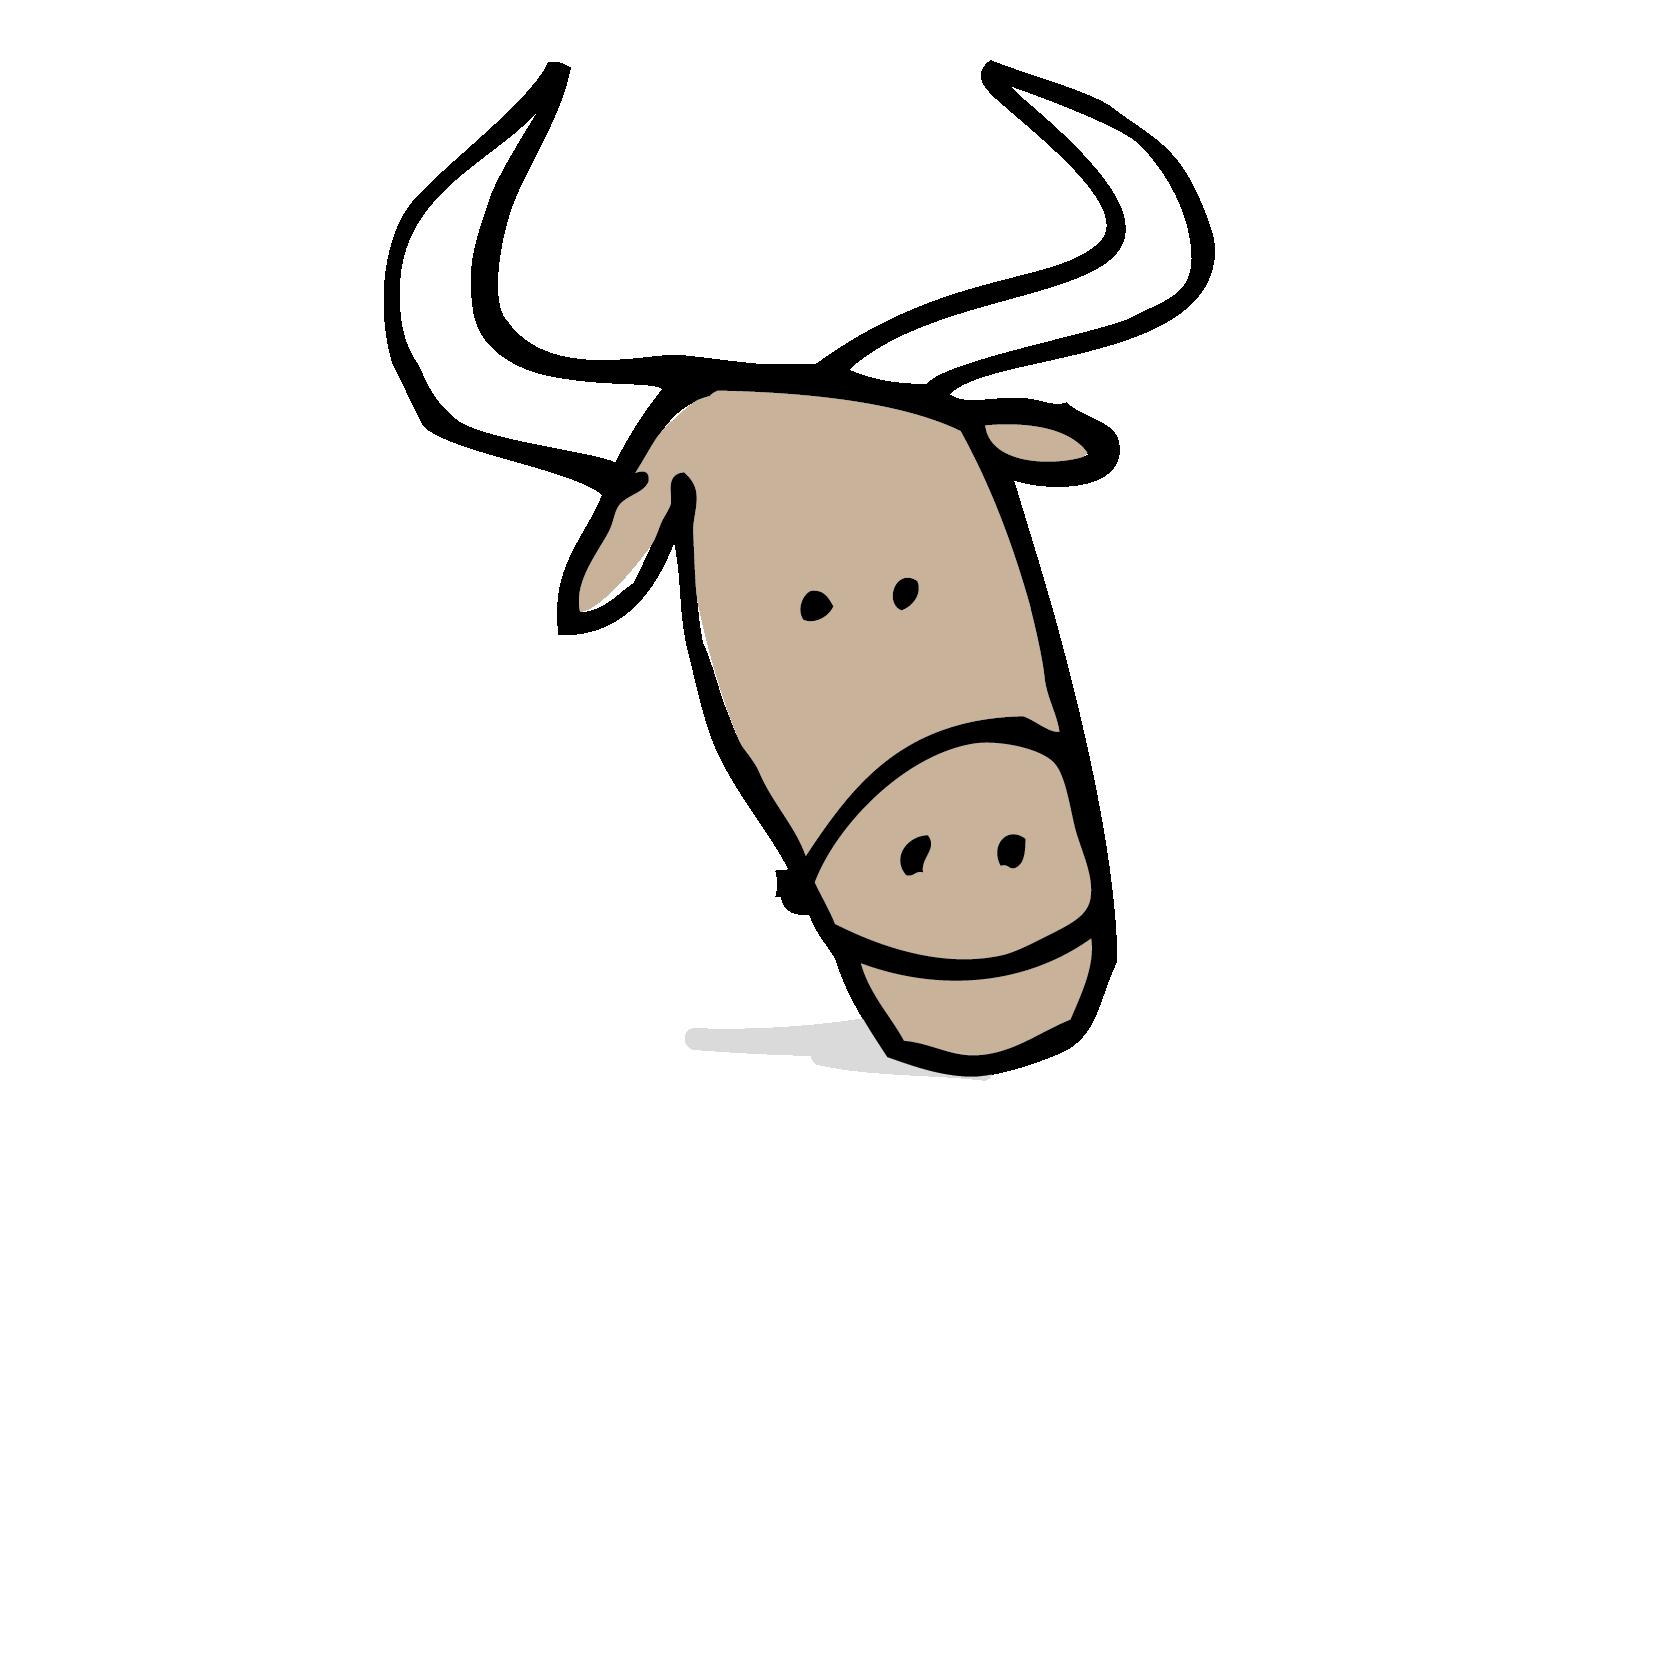 La mozzarella di bufala e i latticini